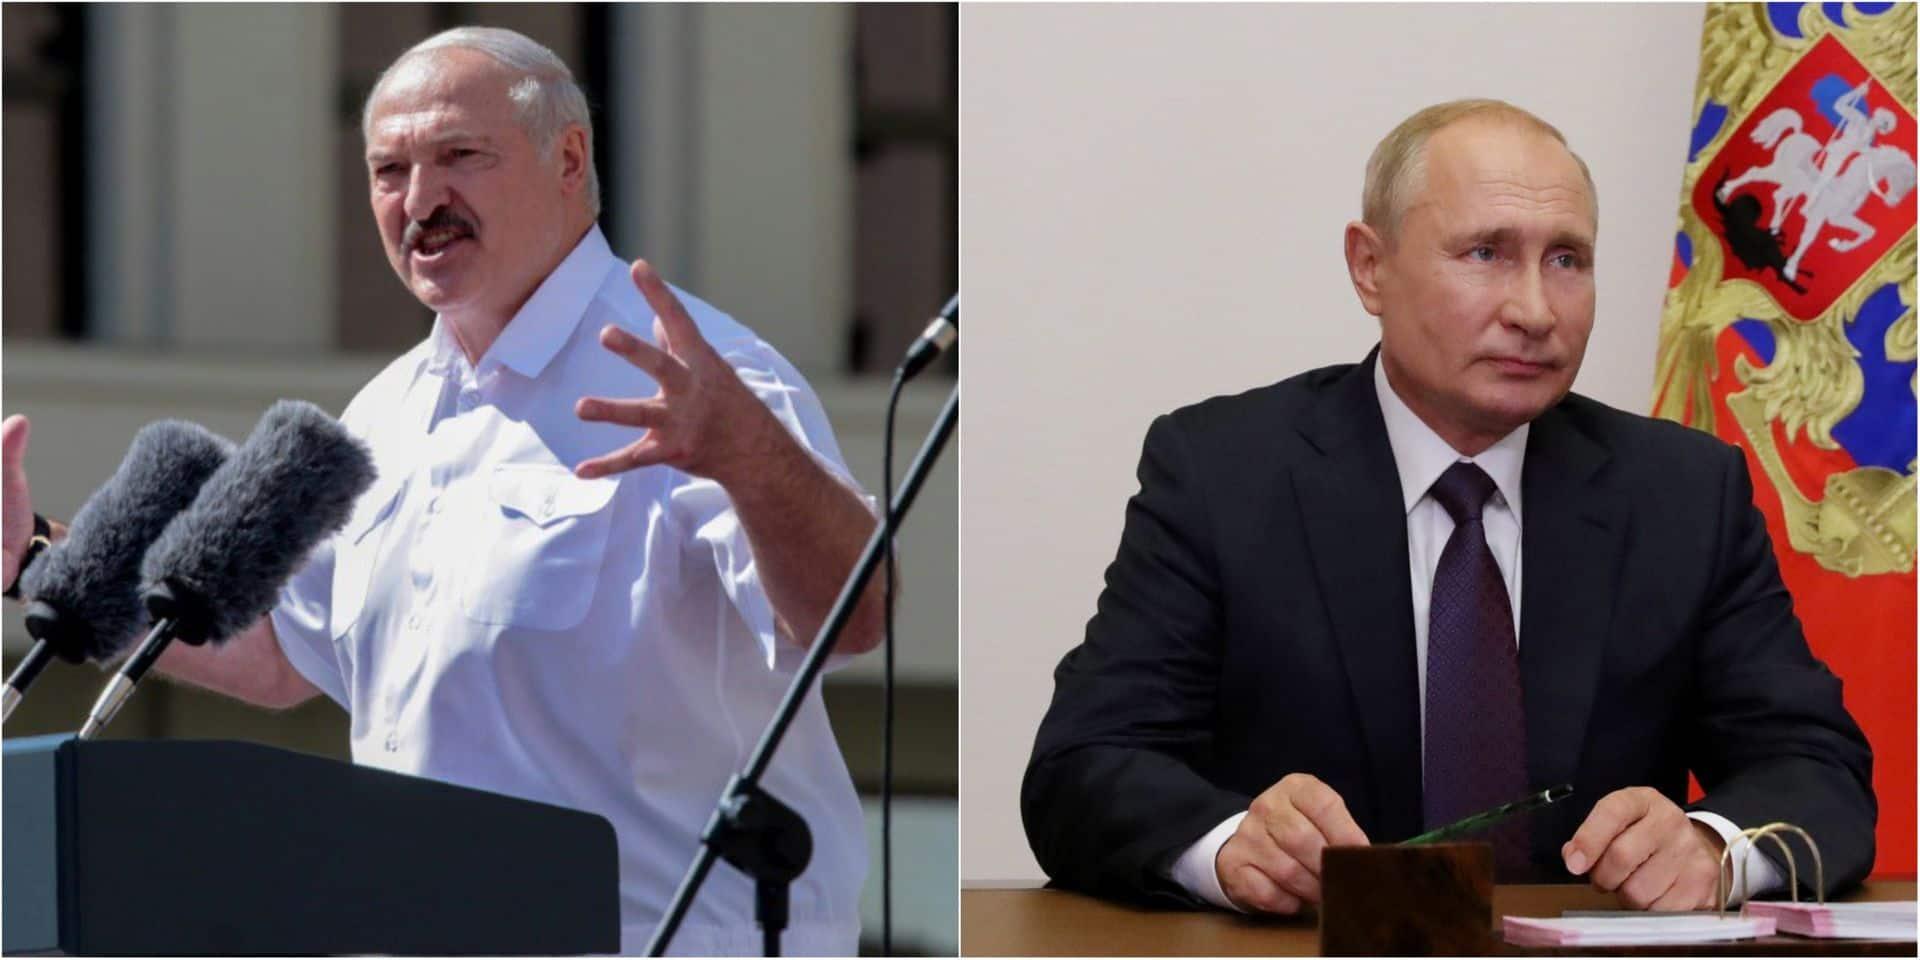 Biélorussie: le président Loukachenko rencontrera Poutine lundi